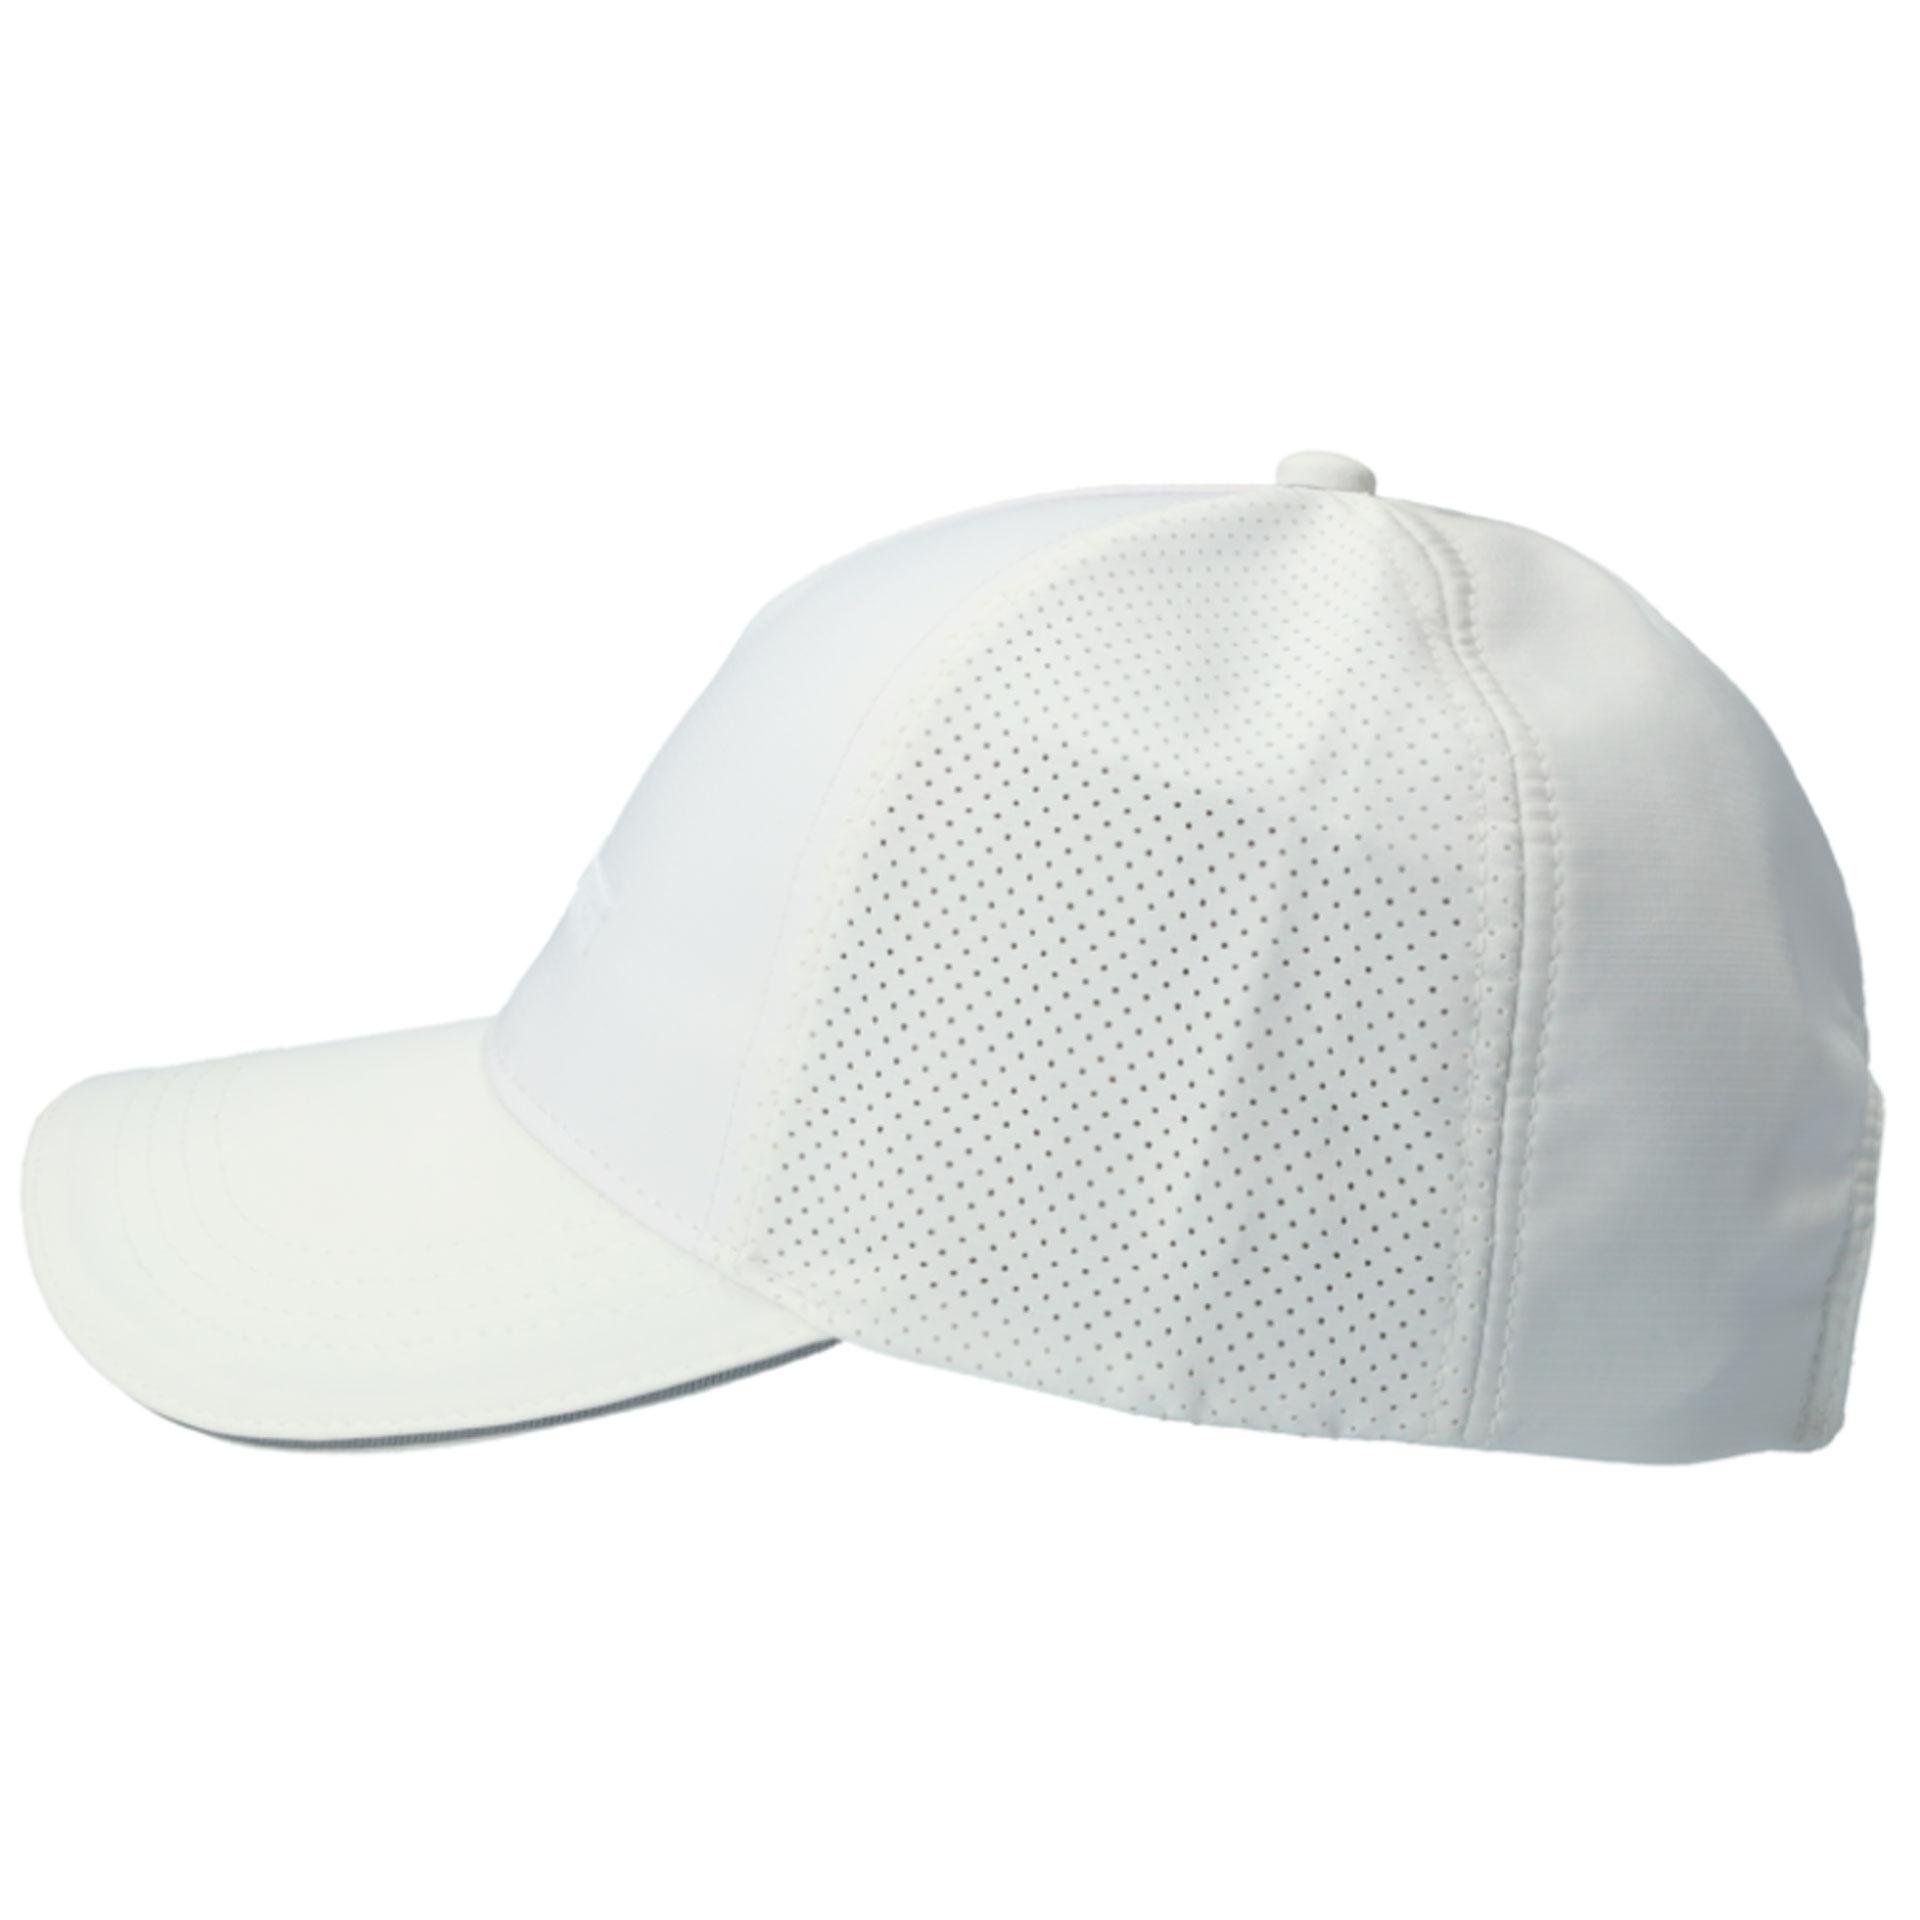 Mercedes-AMG Cap Kappe Basecap Weiß